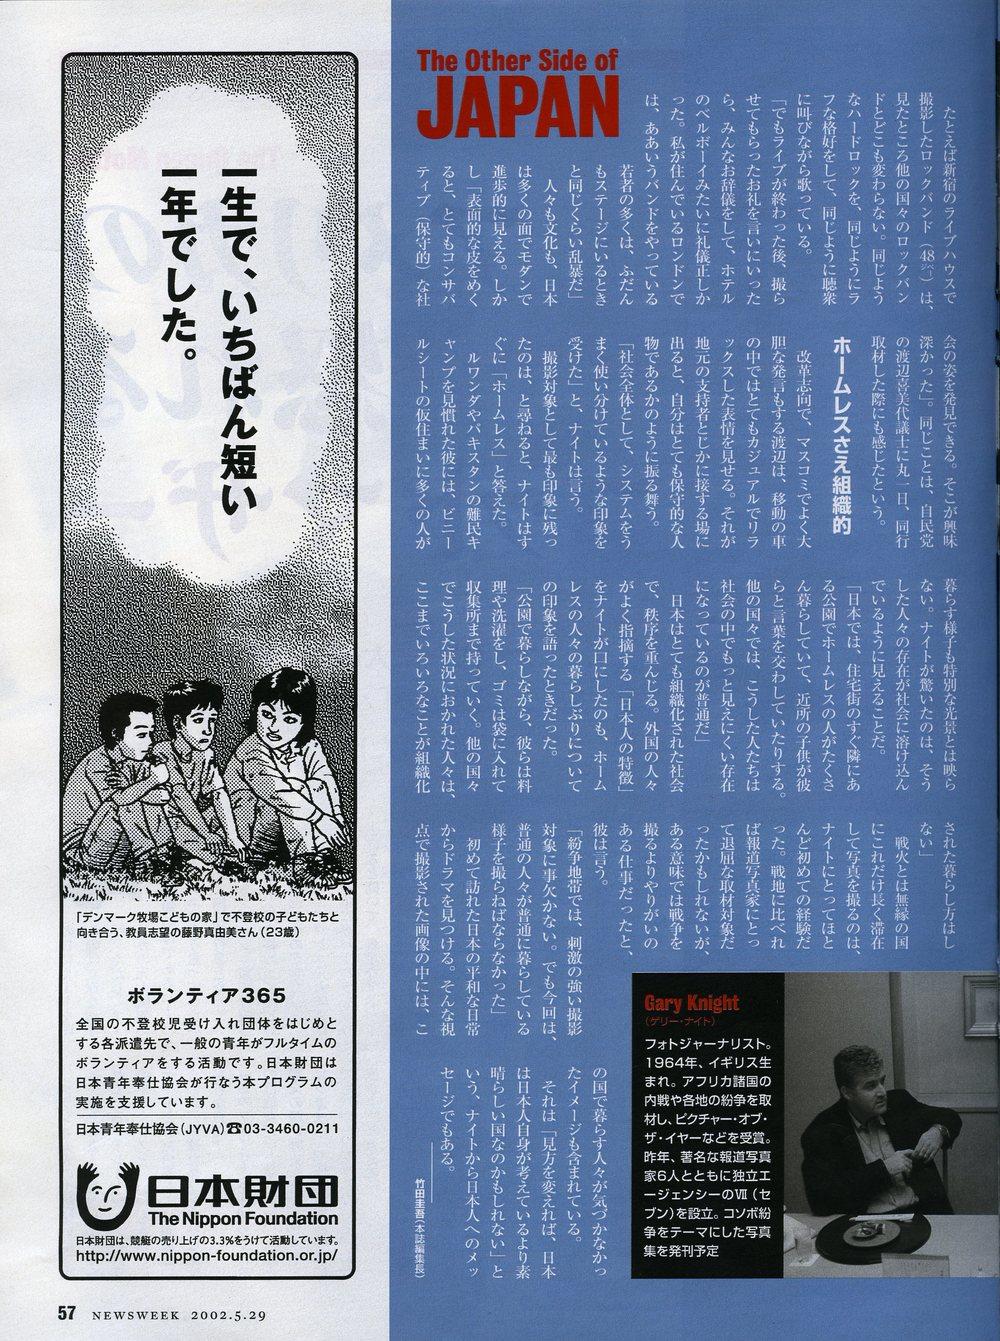 05292002_NEWSWEEK_JAPAN_20.jpg